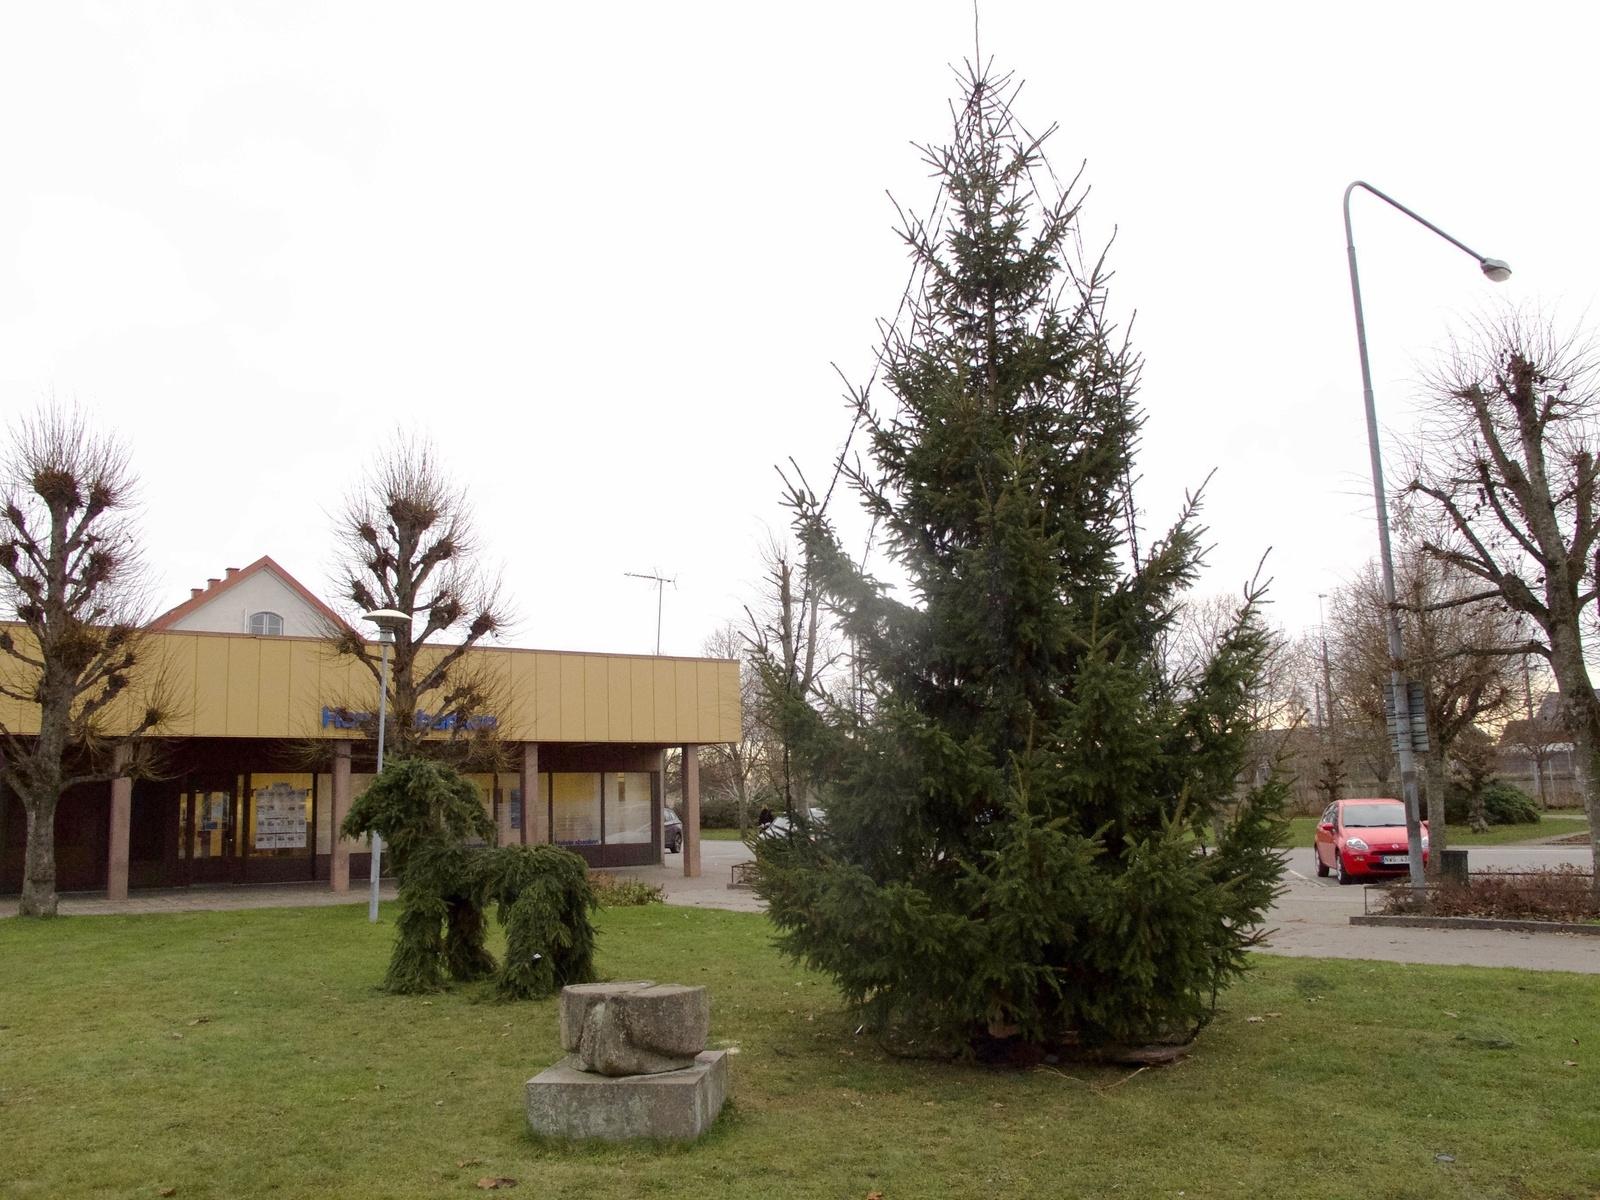 EMMABODA: Årets julgran på Centrumtorget i Emmaboda har tagits fram av Lions och har tidigare stått i Lindåstrakten. Granen har sedvanligt sällskap av julbocken.